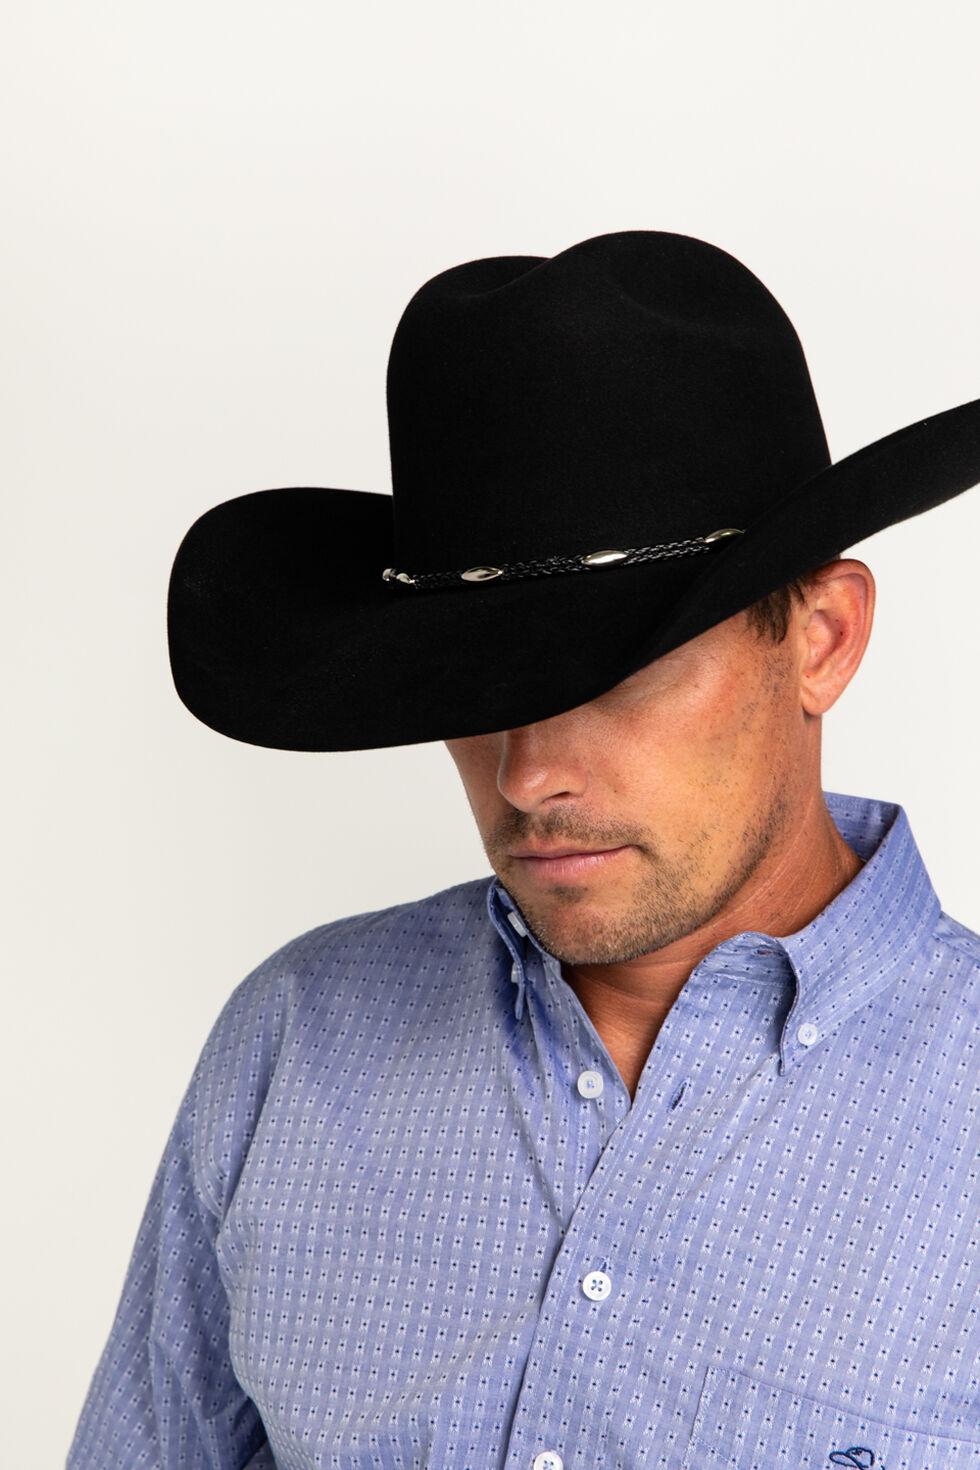 Cody James Casino Black 3X Wool Felt Cowboy Hat, Black, hi-res